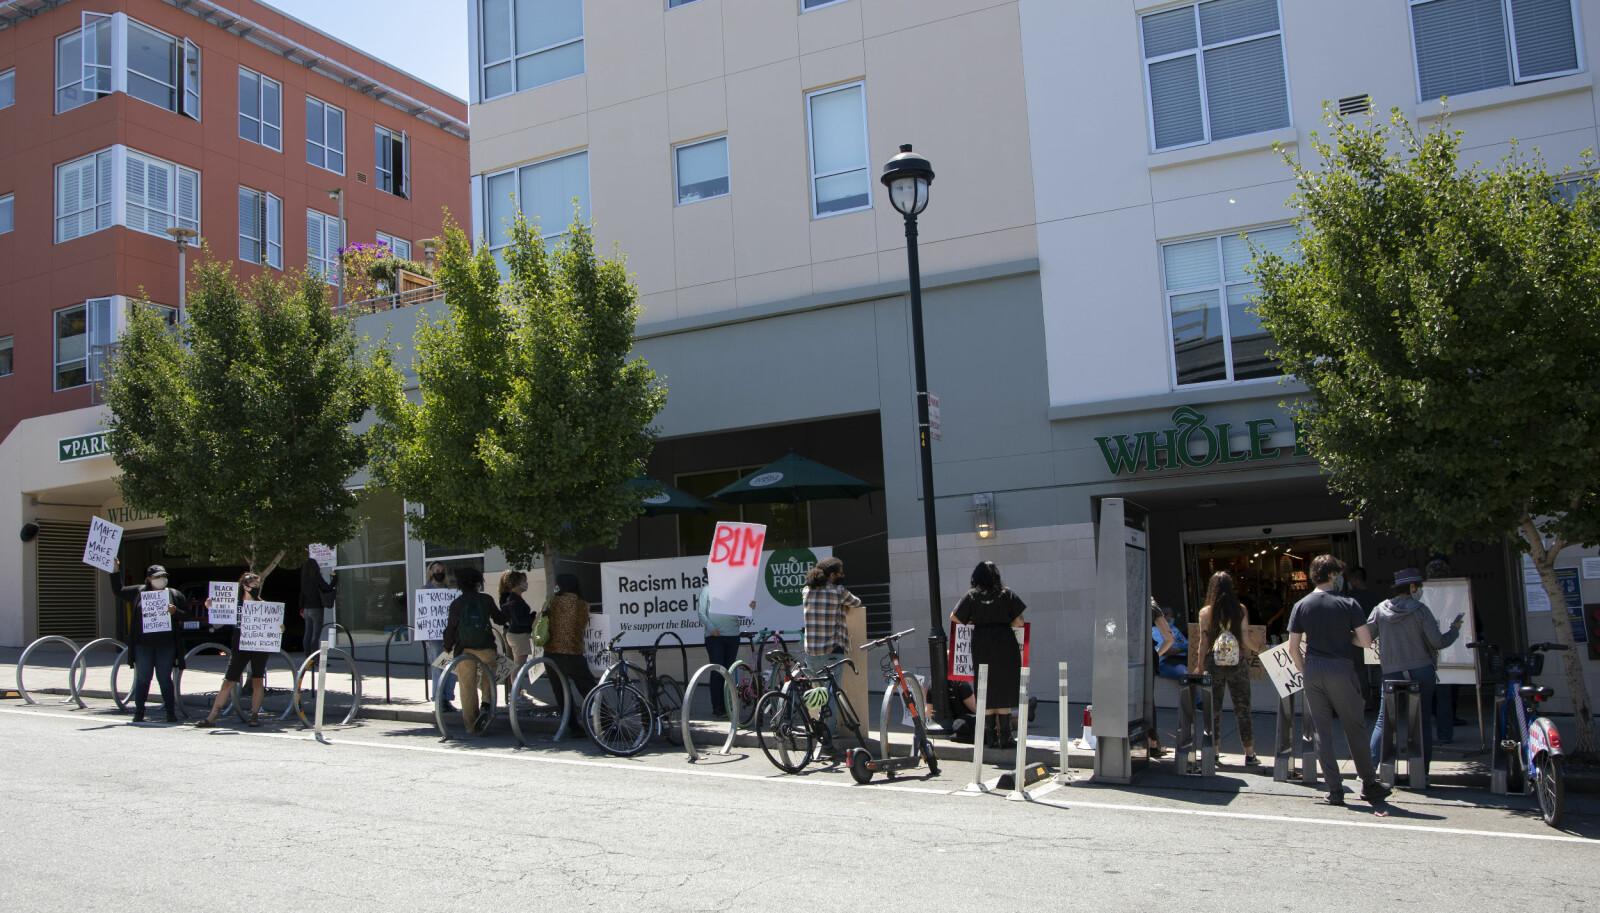 En demonstrasjon utenfor Whole Foods i San Francisco